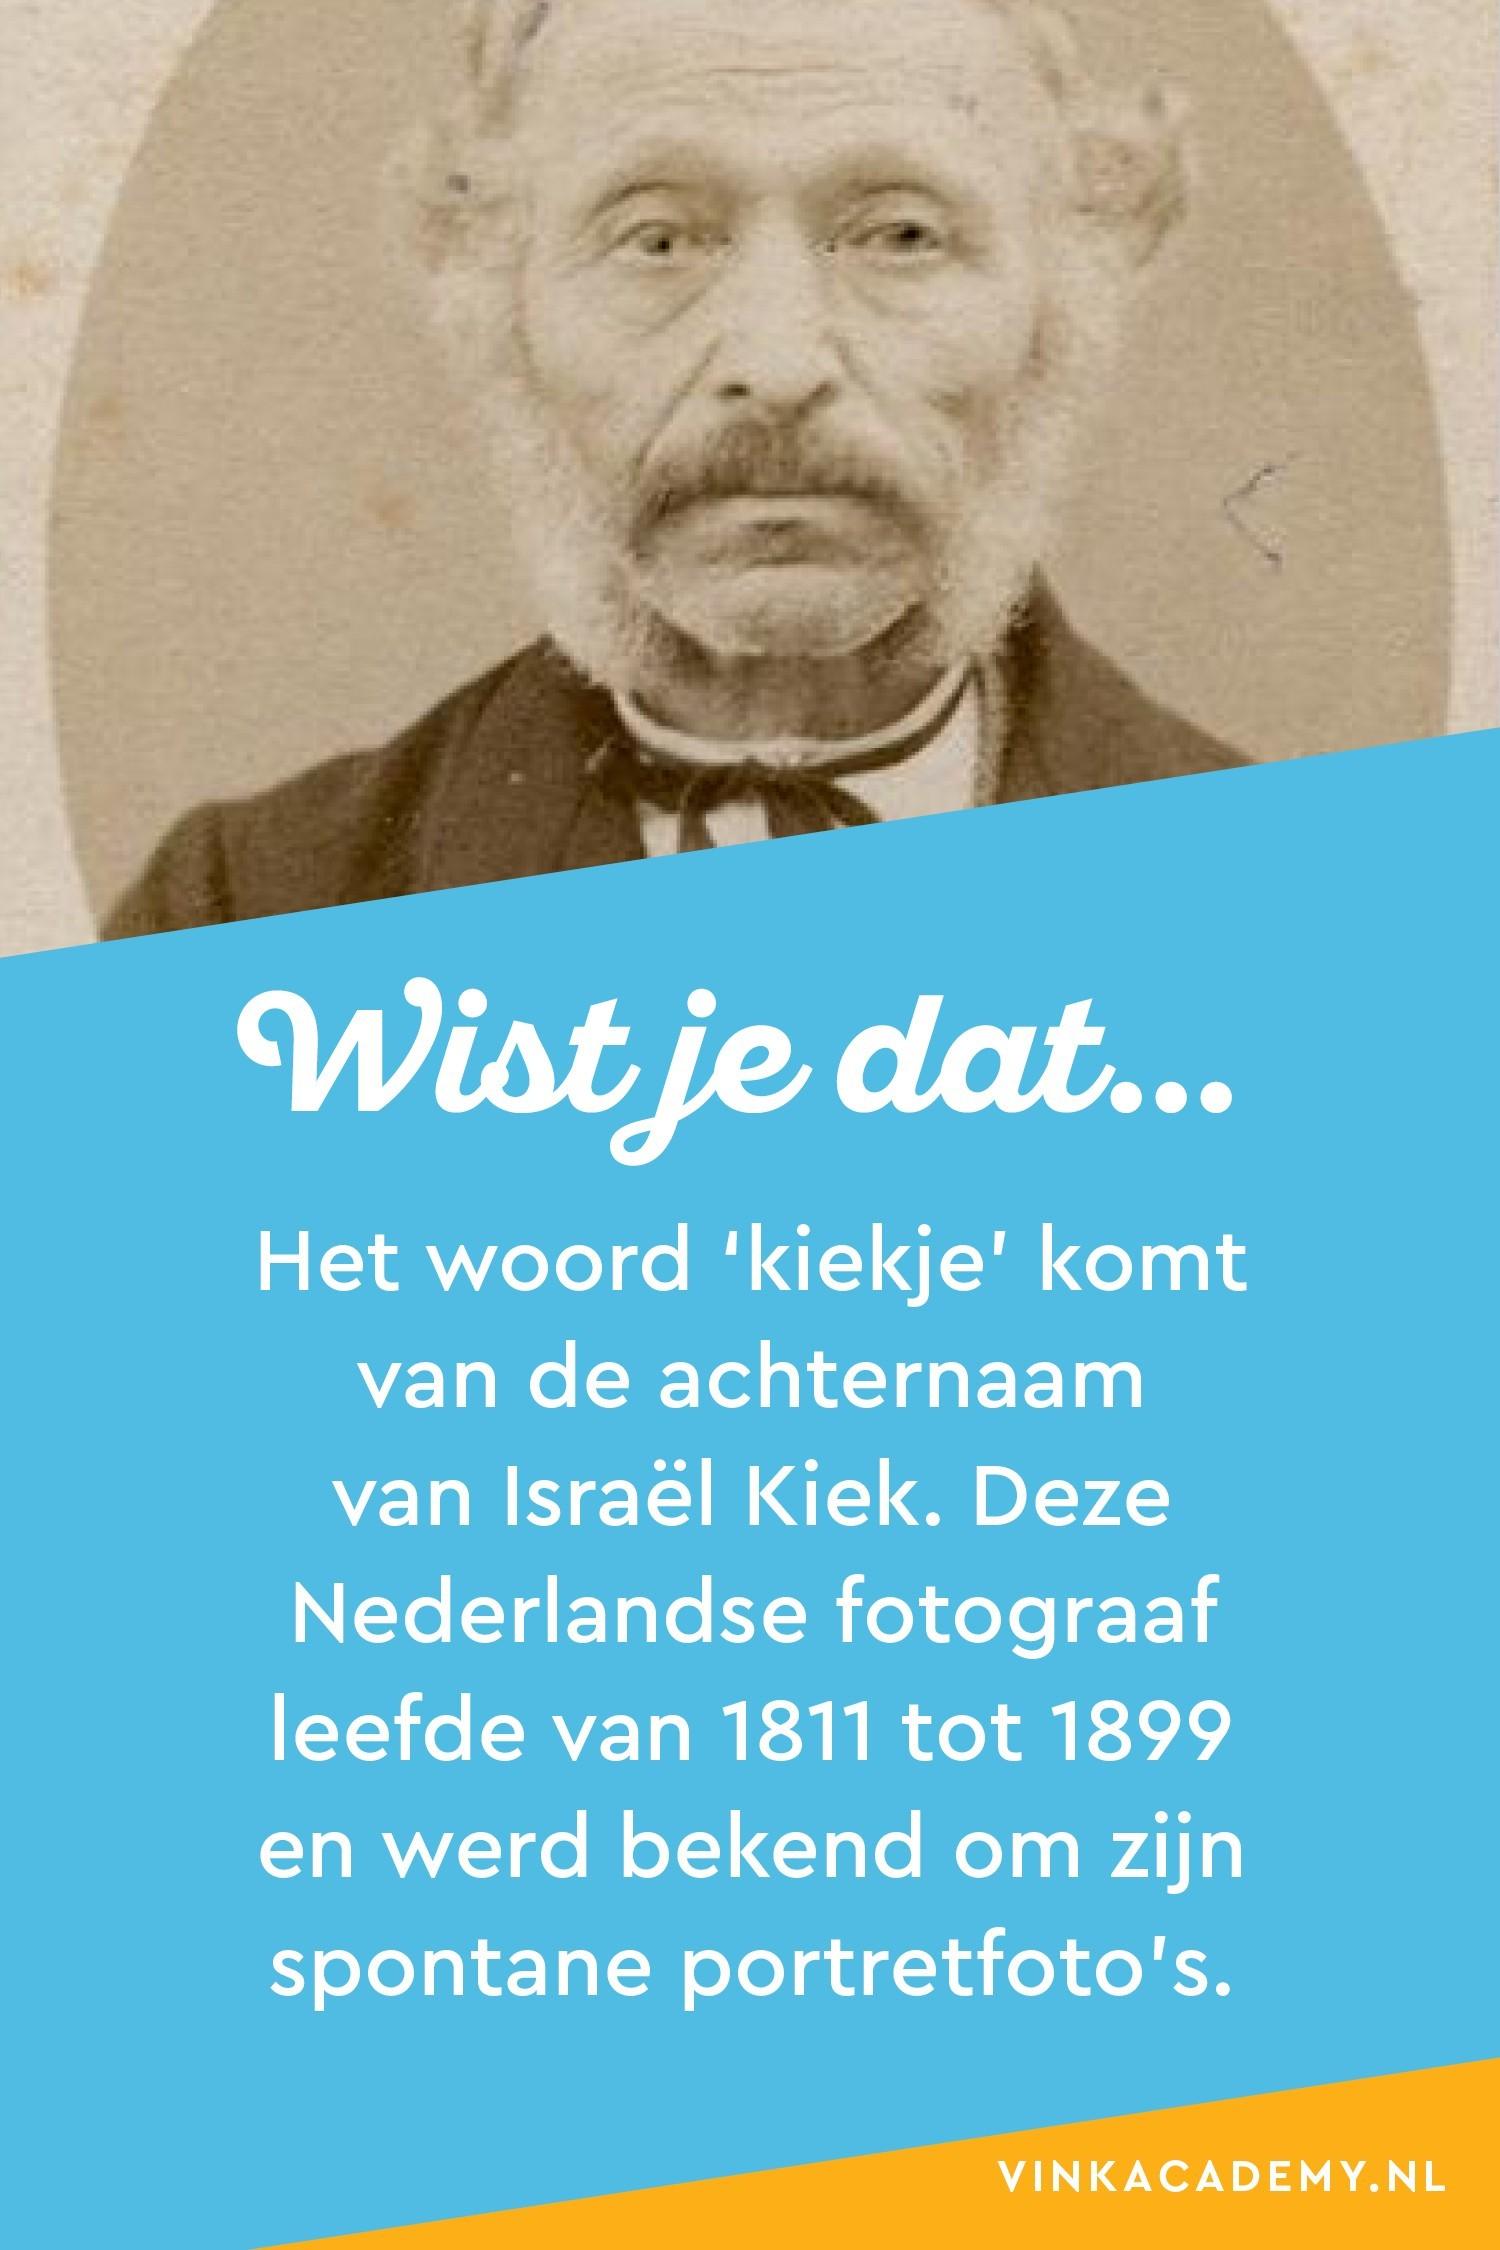 Wist je dat het woord Kiekje van de achternaam van Isreal Kiek komt. Deze Nederlandse fotograaf stond bekend om zijn spontane portretfotografie.